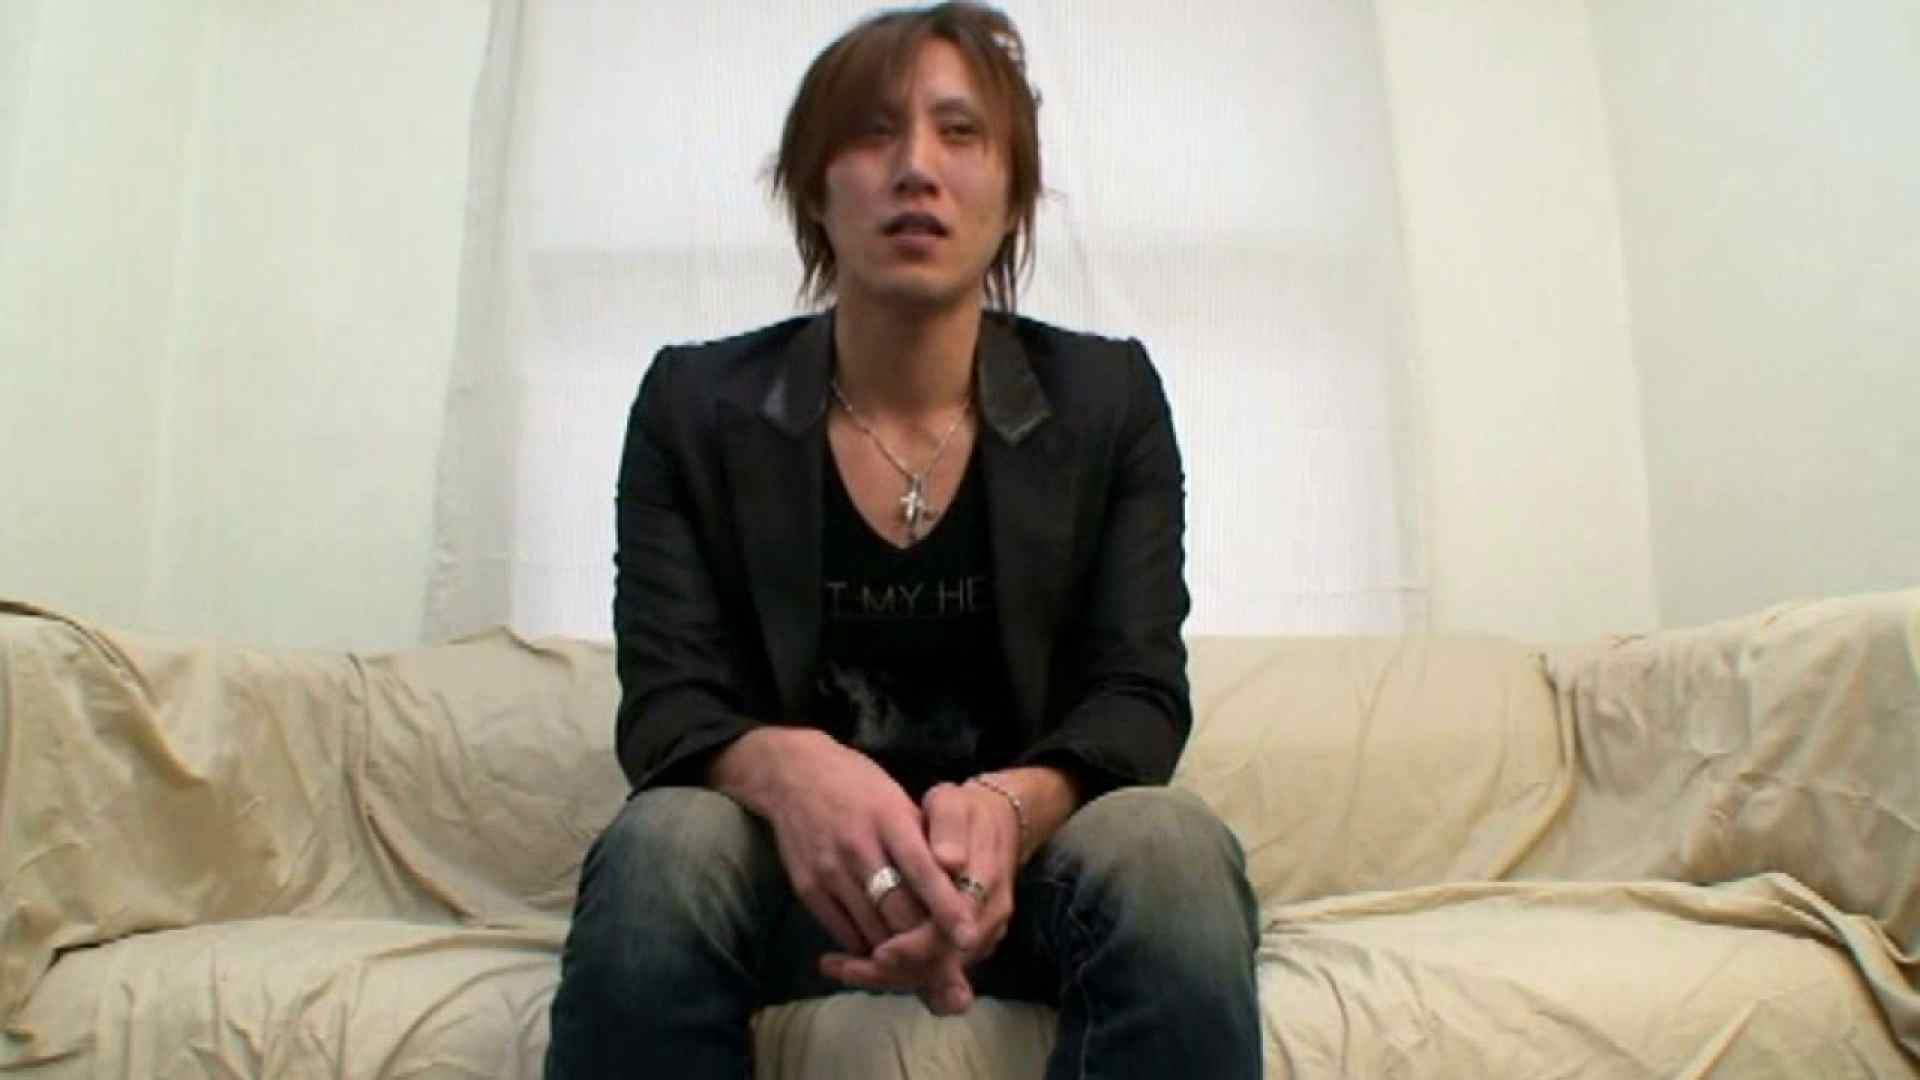 ノンケ!自慰スタジオ No.13 オナニー ゲイセックス画像 102pic 3